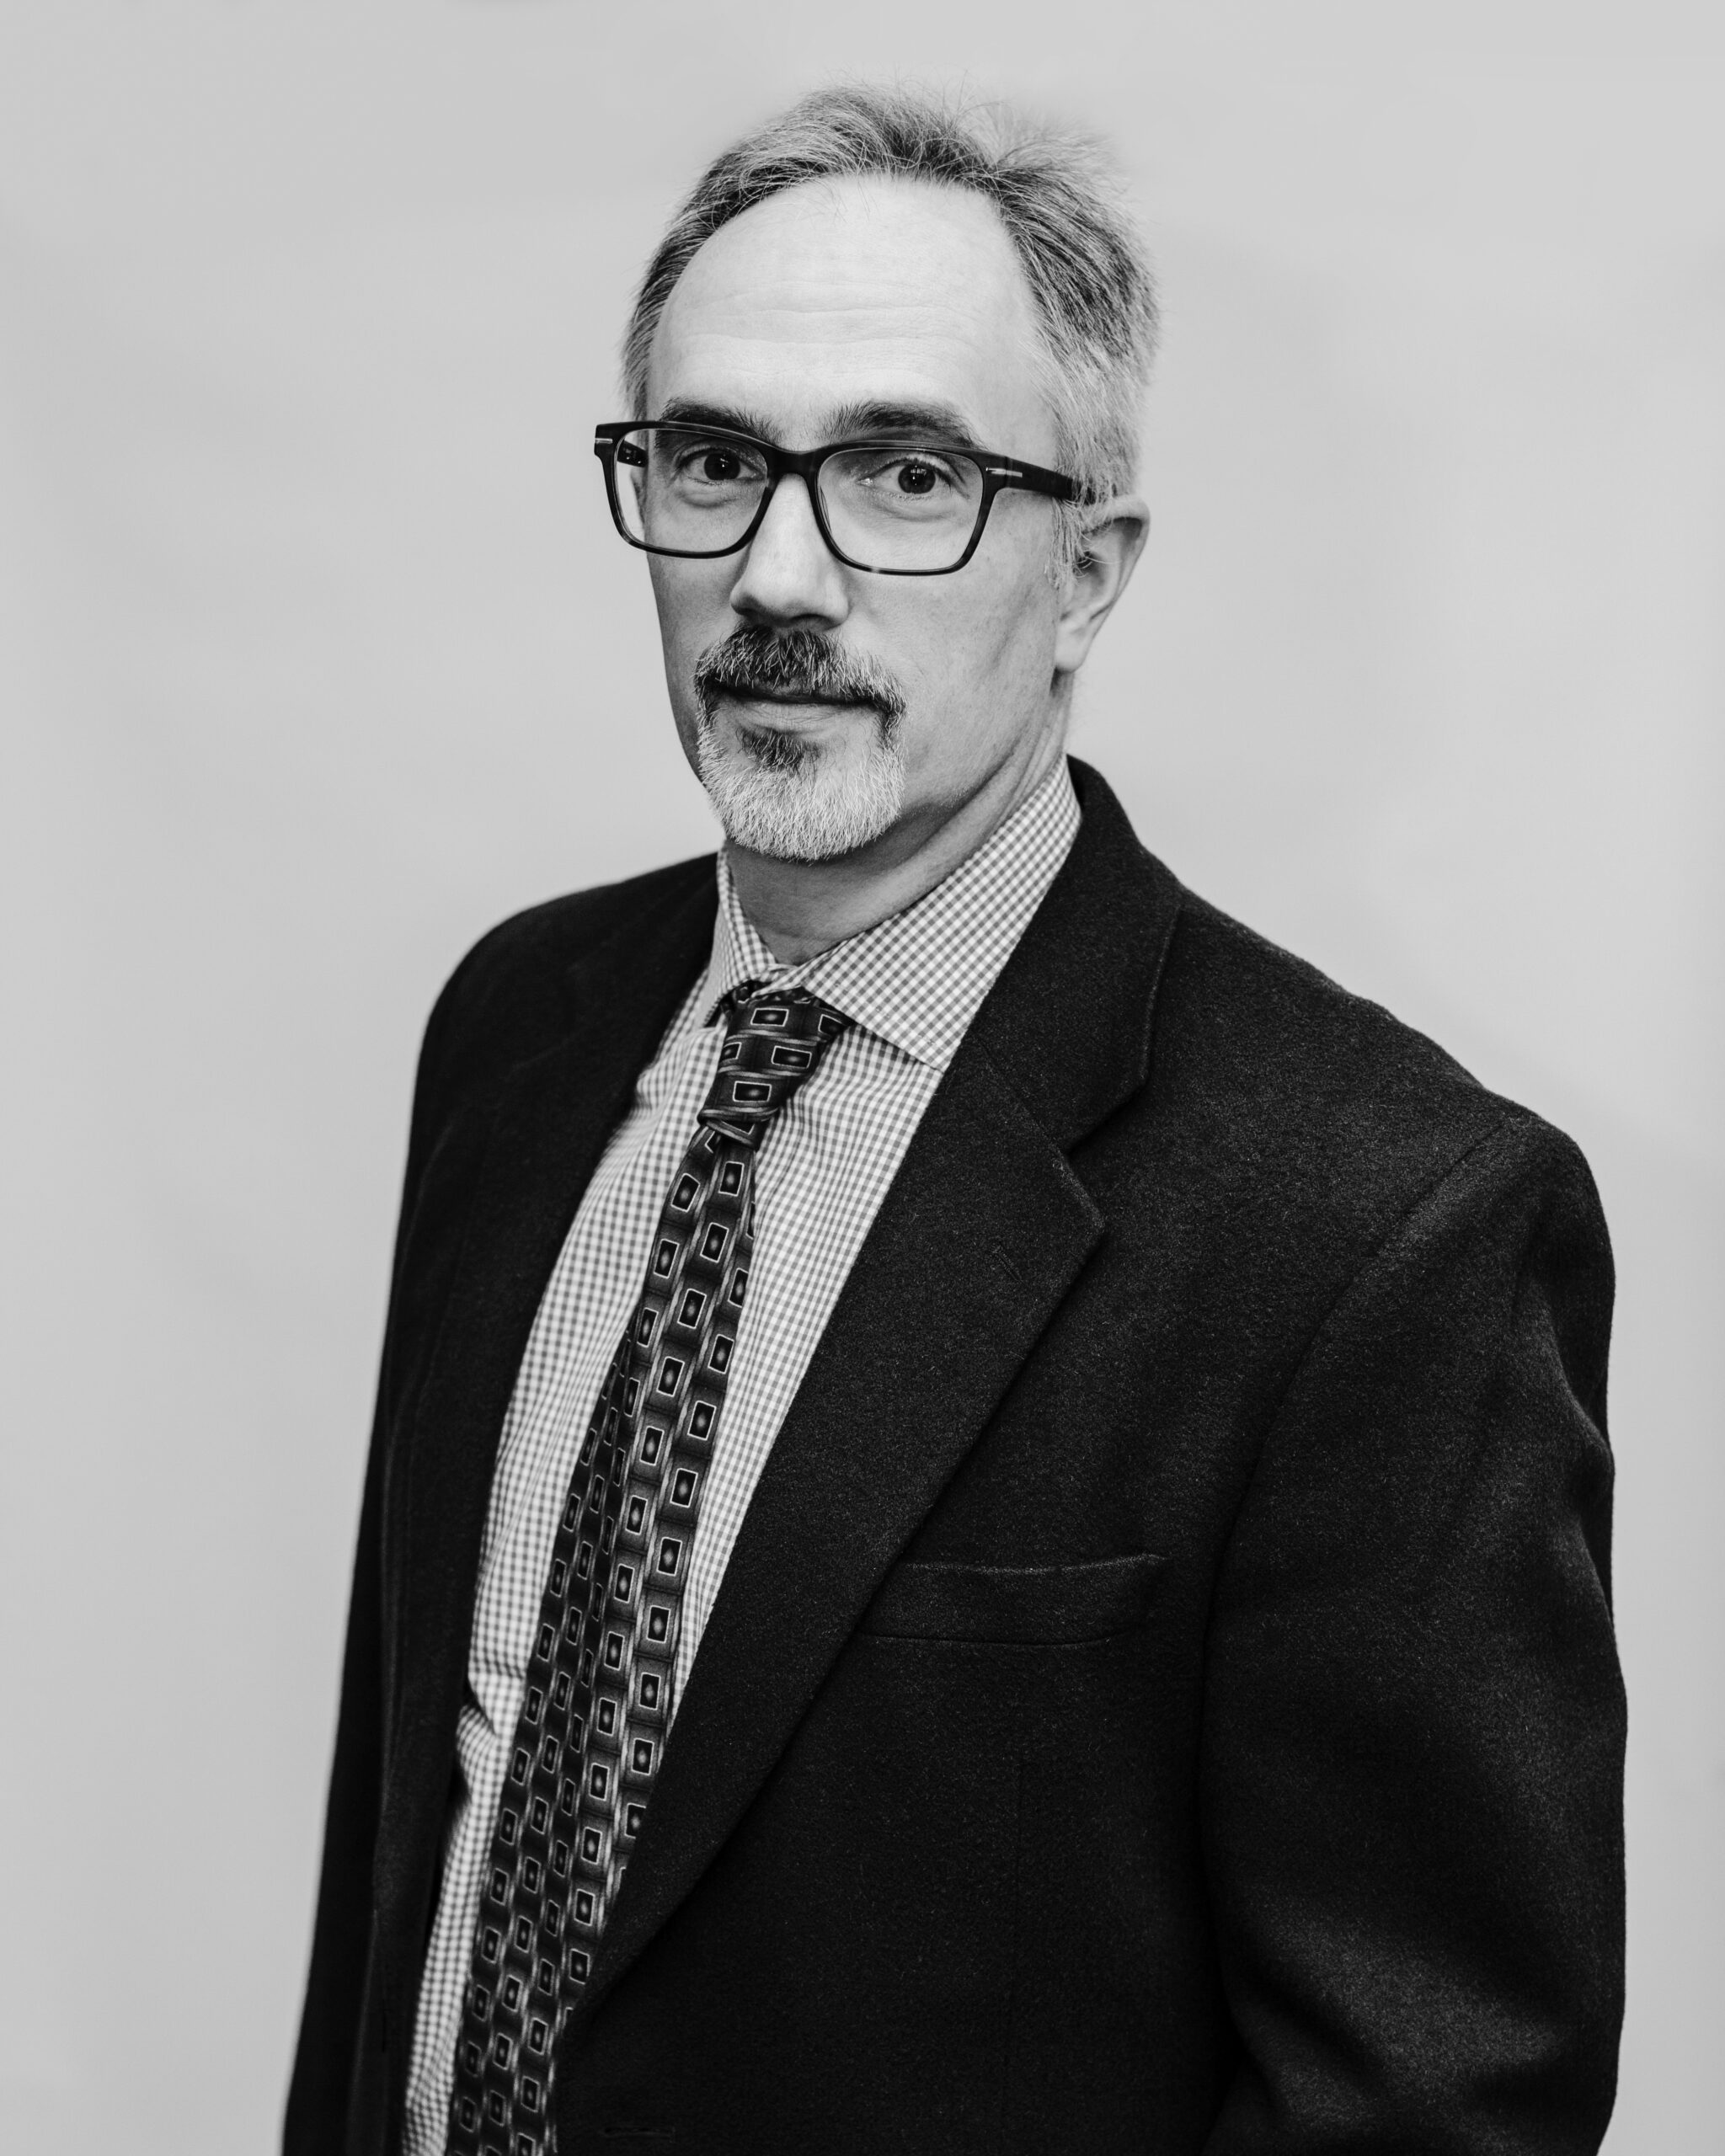 Mike Cottick, Senior VP